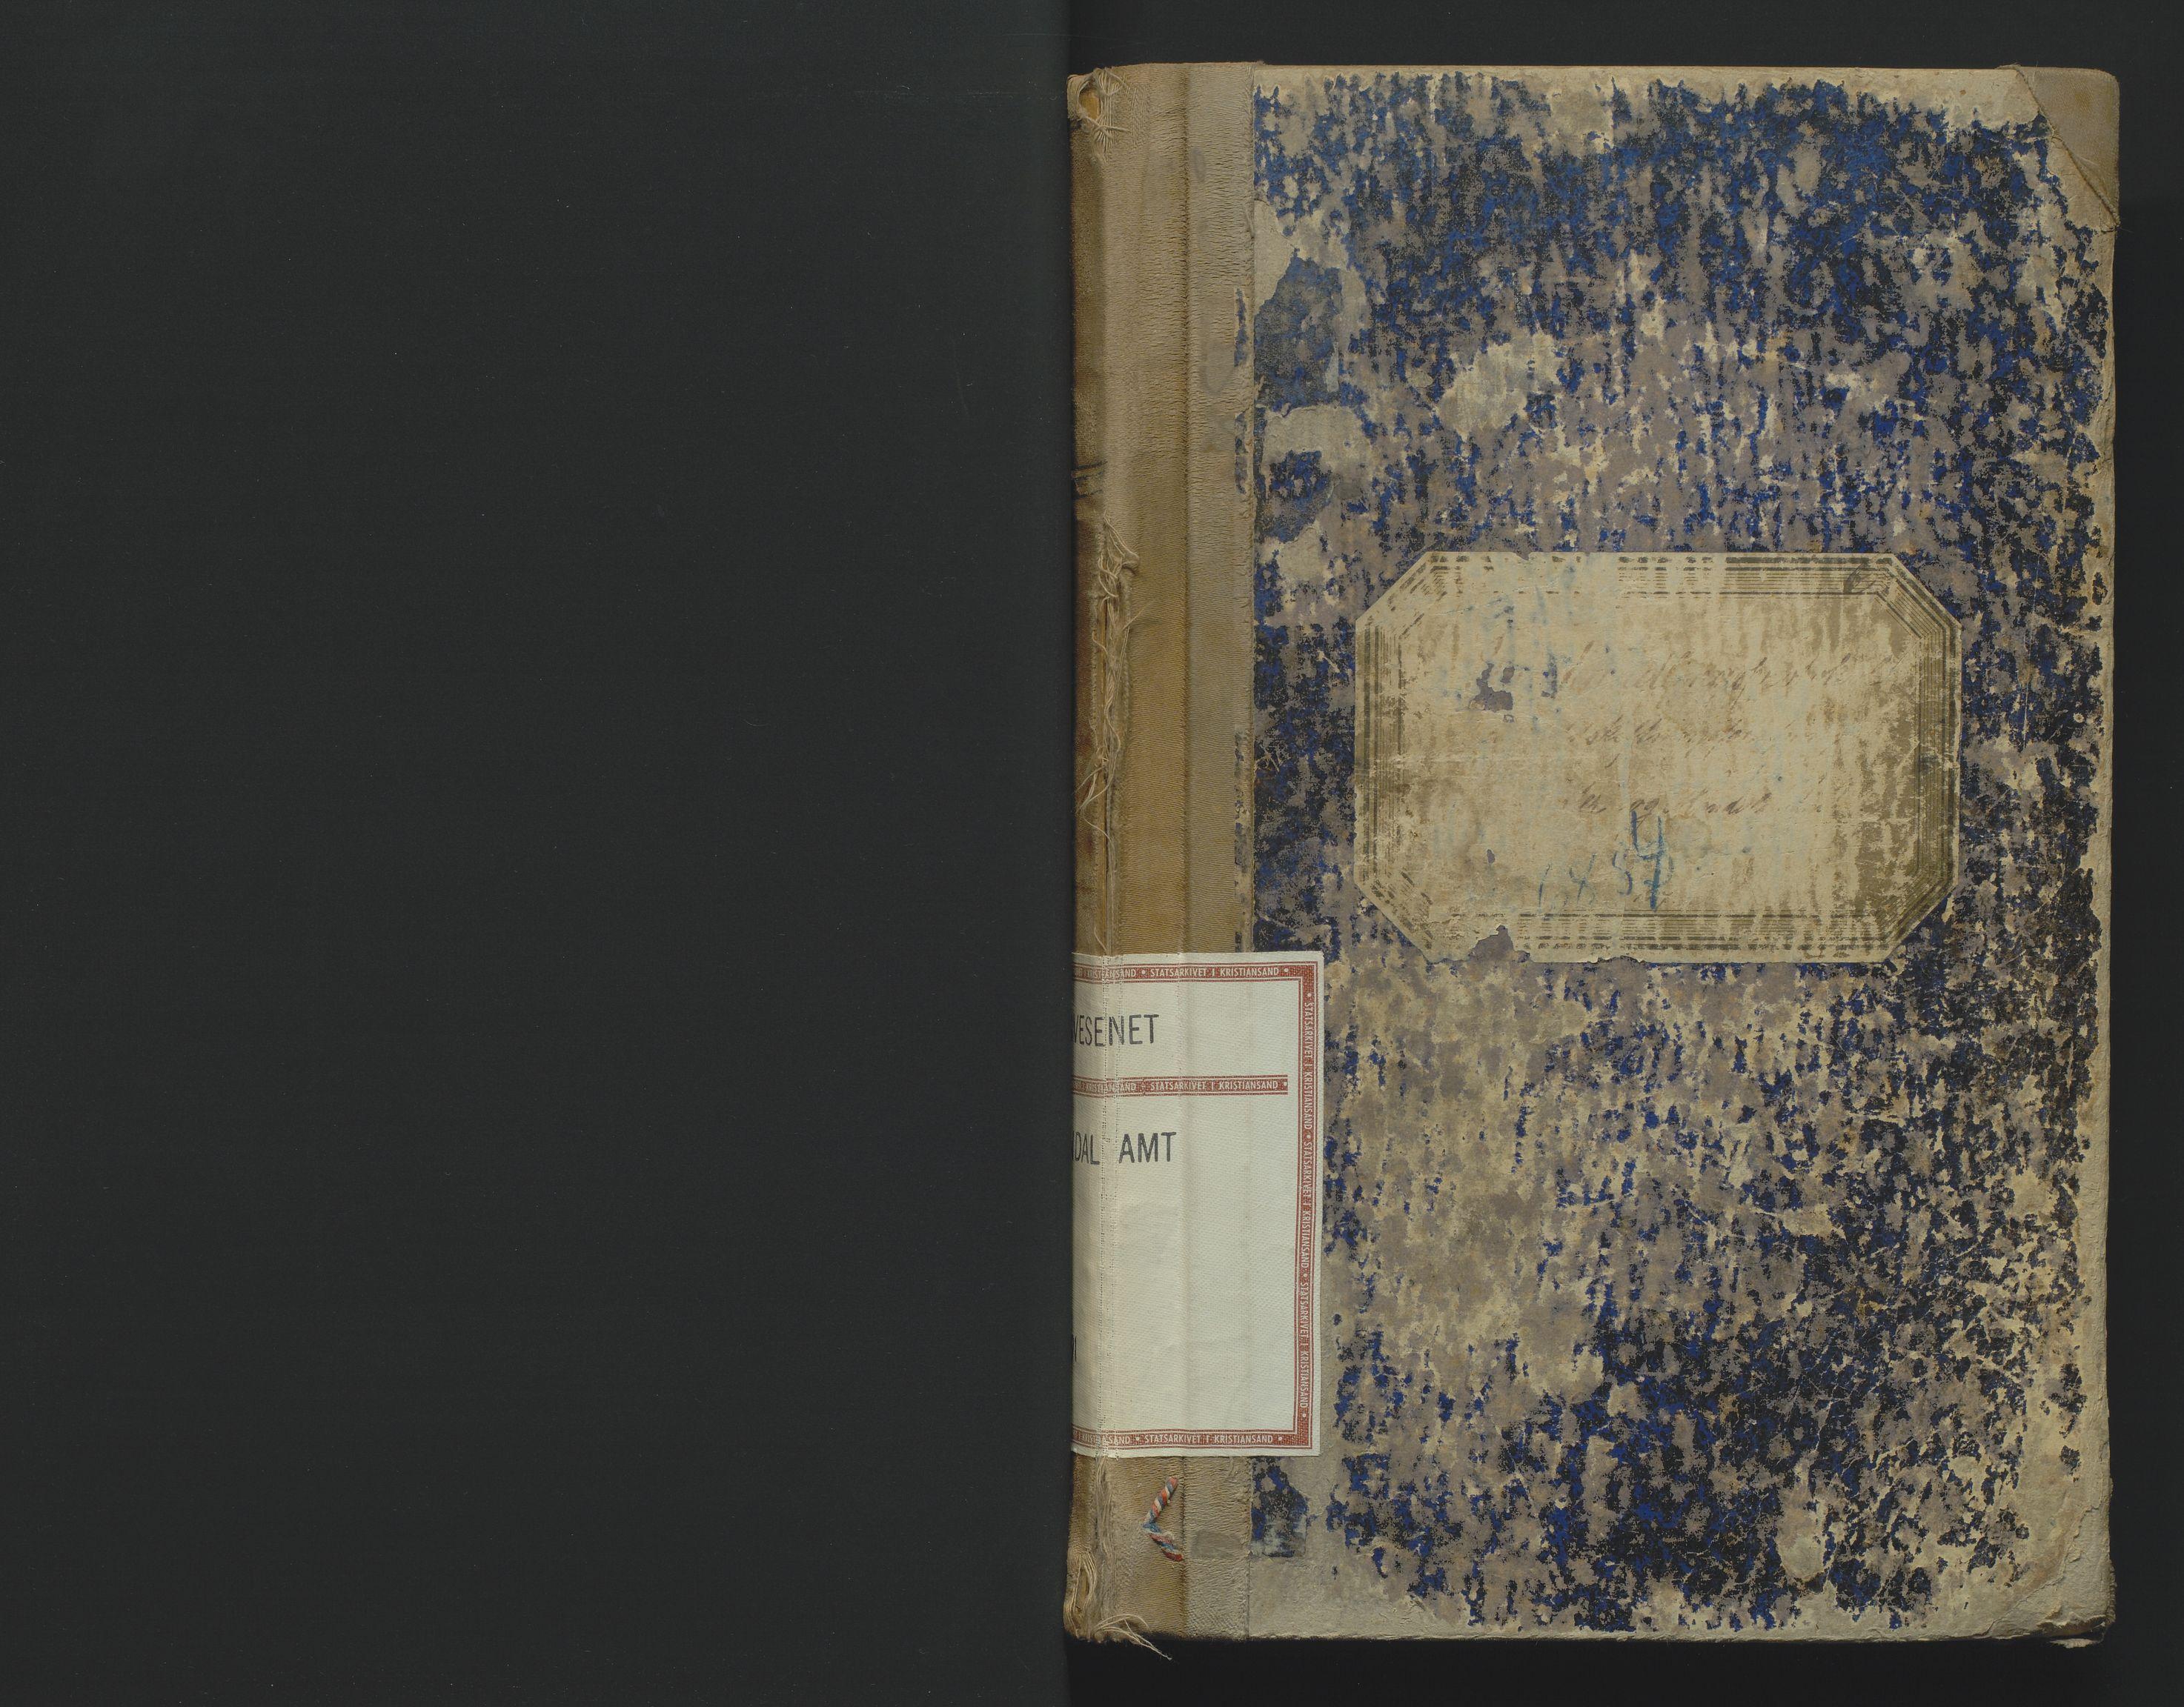 SAK, Utskiftningsformannen i Lister og Mandal amt, F/Fa/Faa/L0018: Utskiftningsprotokoll med register nr 18, 1887-1891